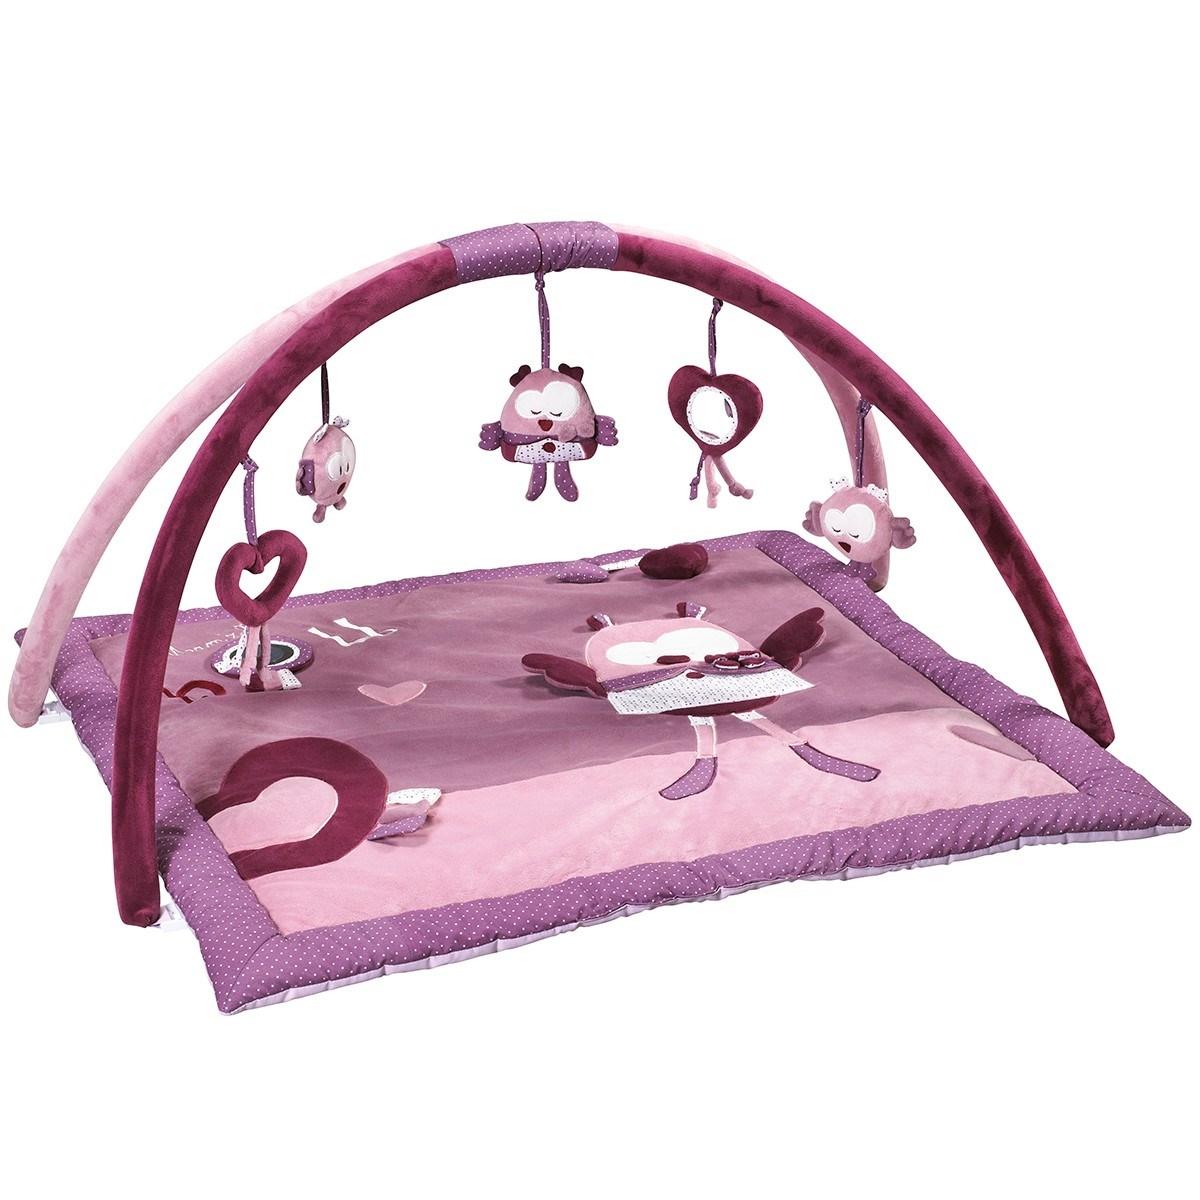 Tapis d'éveil bébé en velours rose